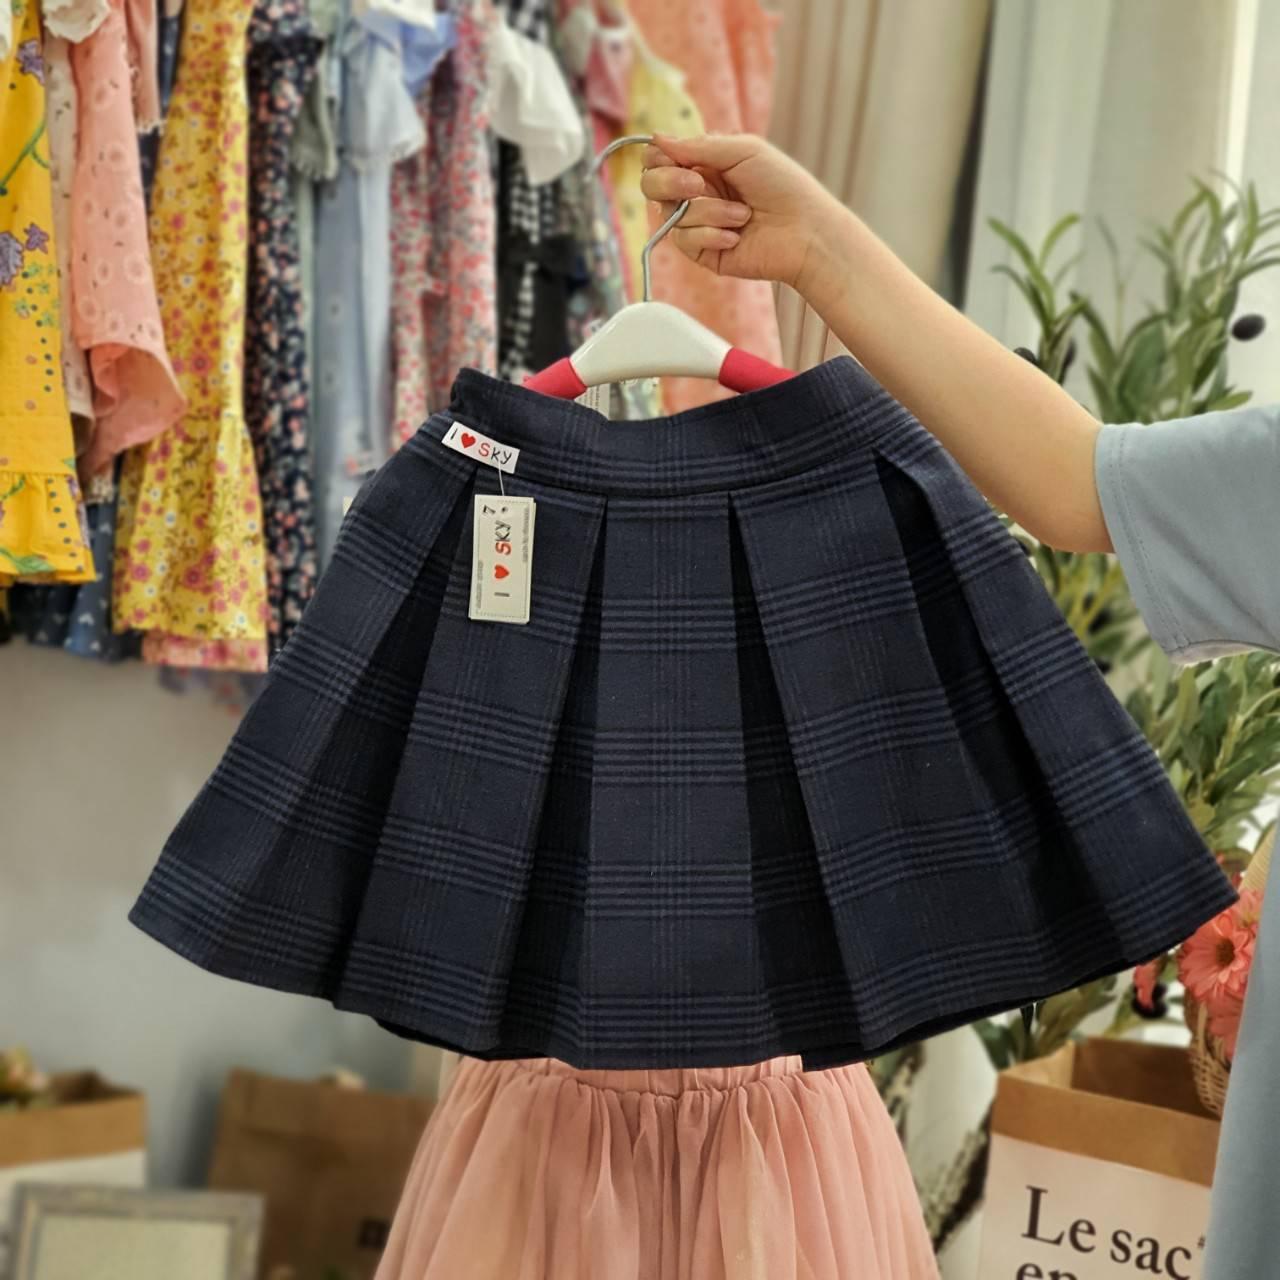 chân váy xếp ly kèm quần bên trong cho học sinh - sản phẩm bán sỉ giá tốt